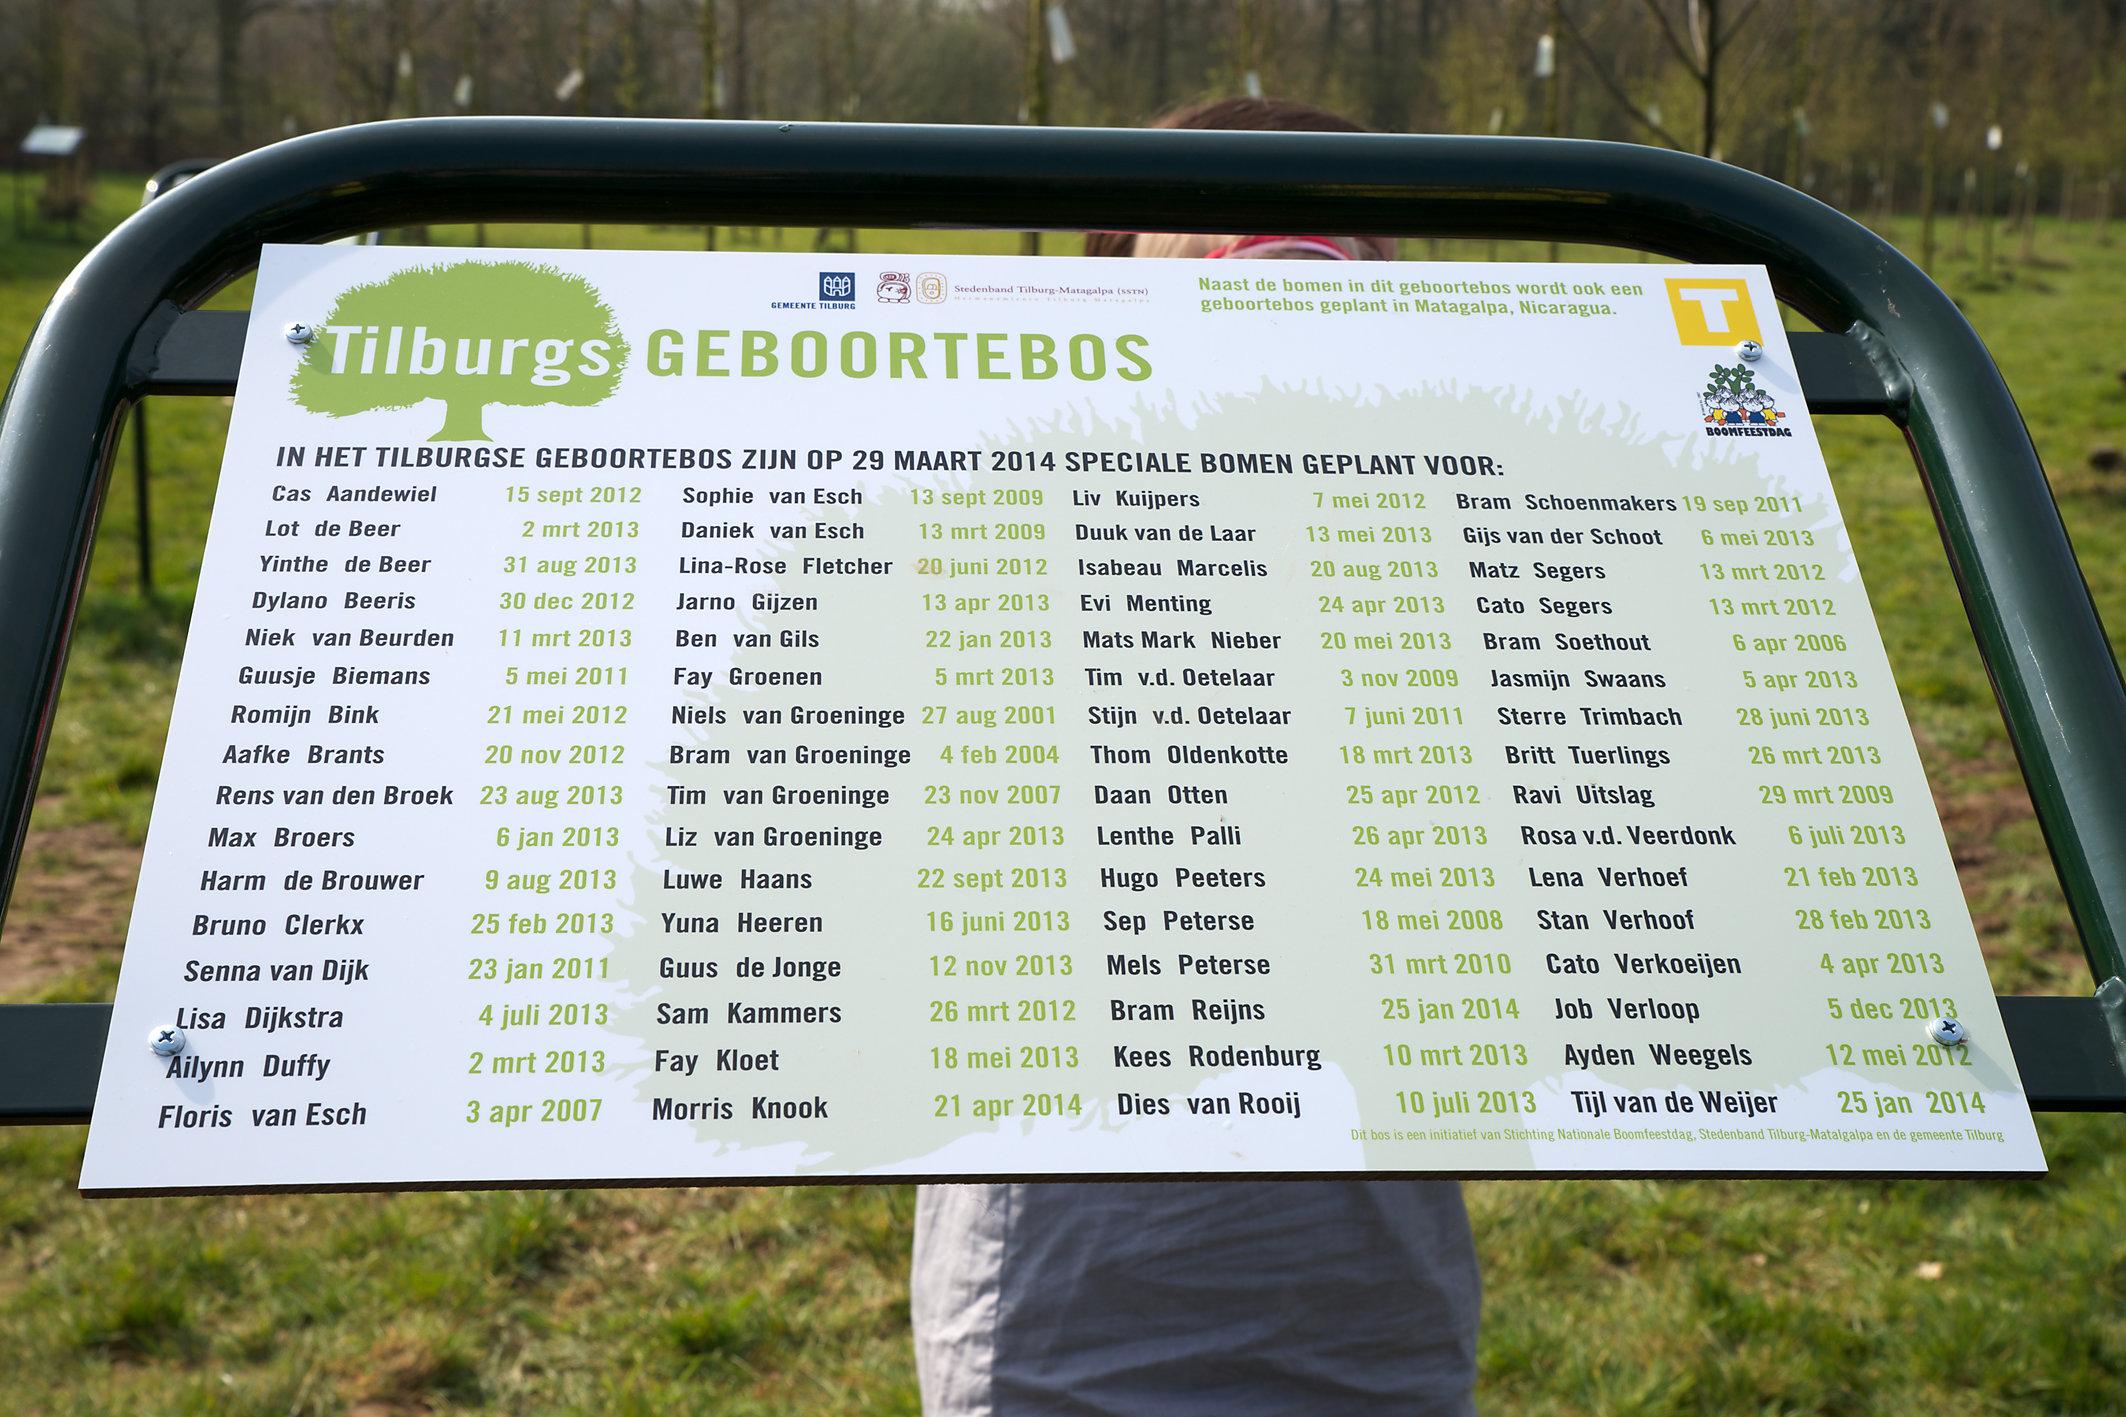 Geboorteboom Tilburg (plaquette) - Bomen